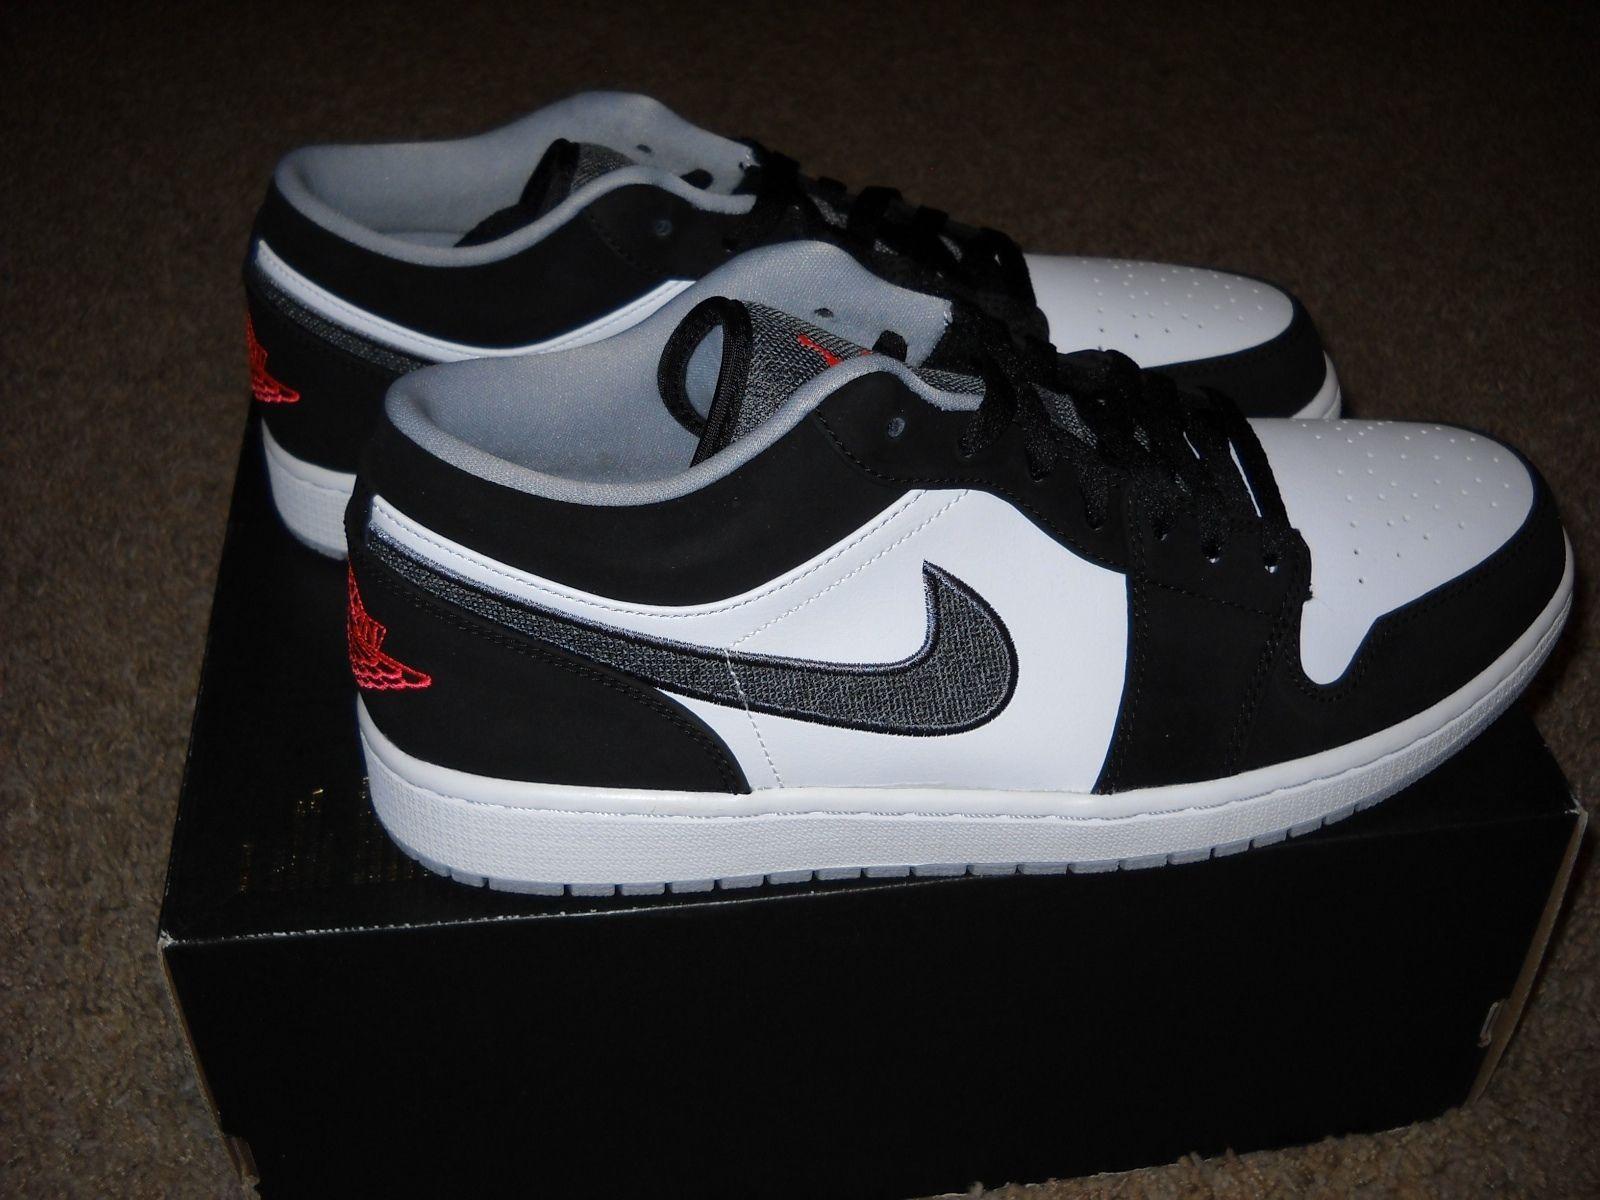 3188b654155559 Nike Air Jordan 1 Low Black Infrared 23 White Wolf Gray (553558 029) Men s  11.5